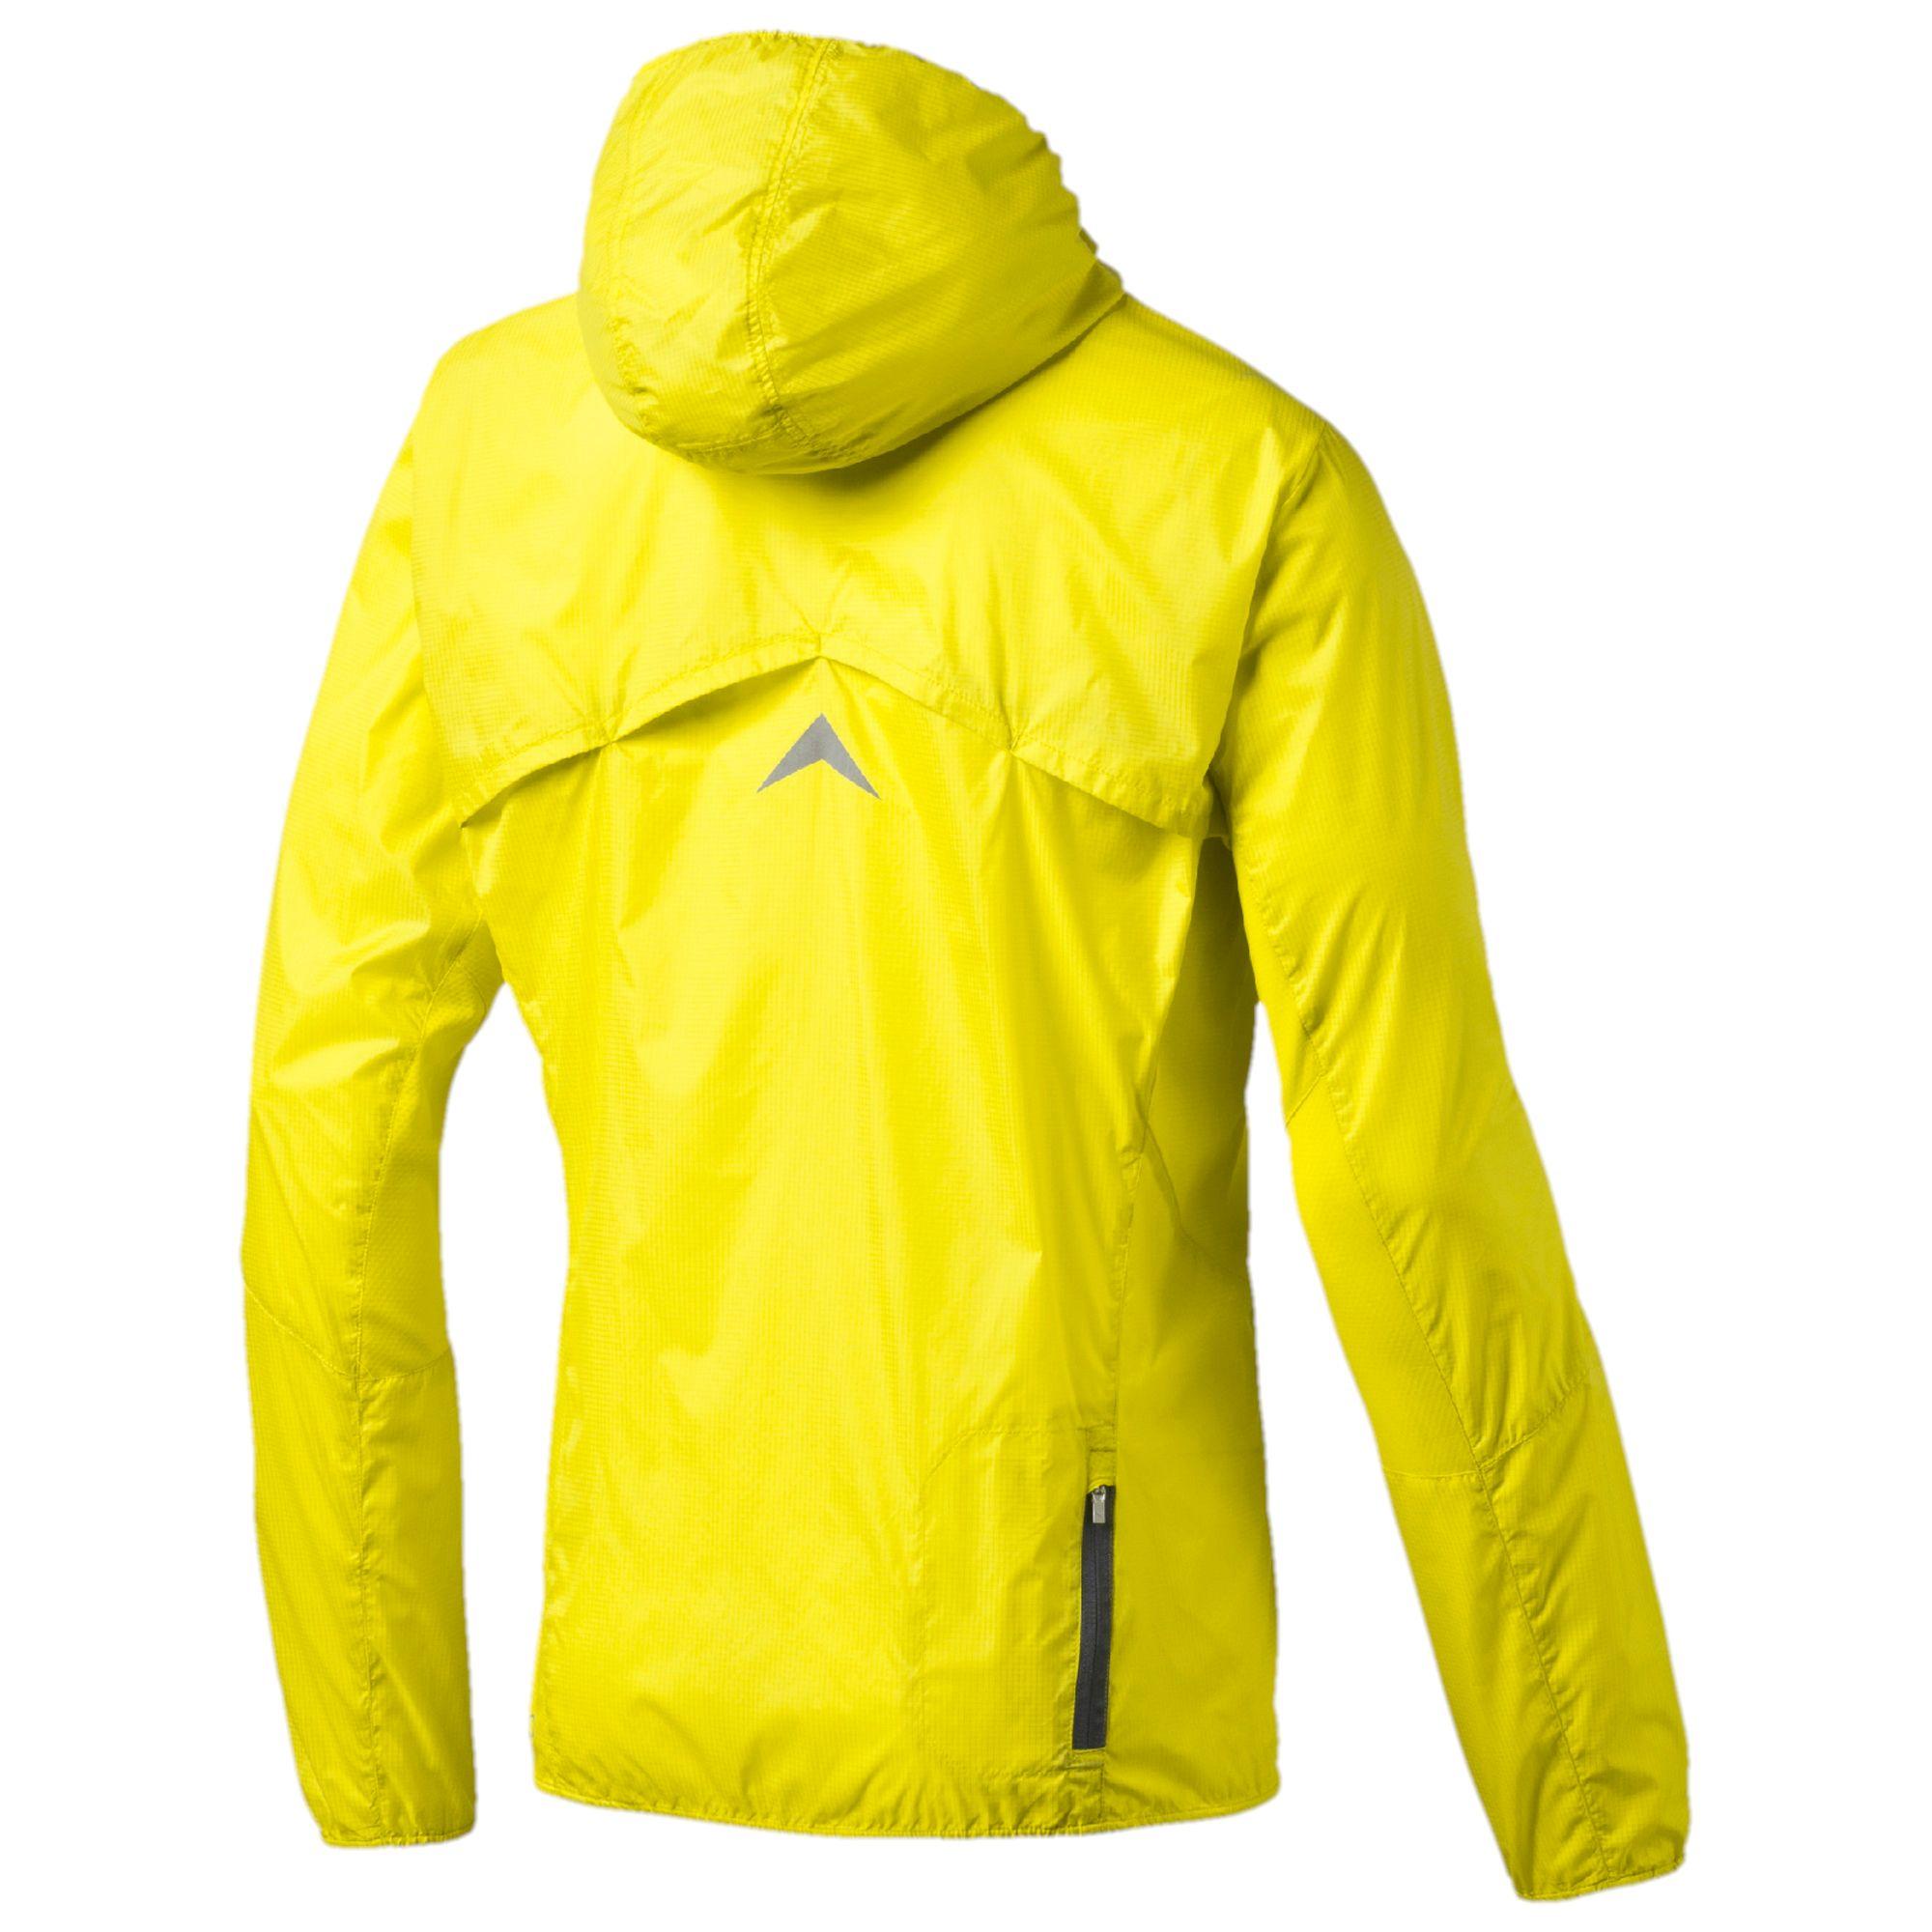 d7bc61461240 PUMA Running Hooded Lightweight Jacket Apparel Jackets Running Men ...